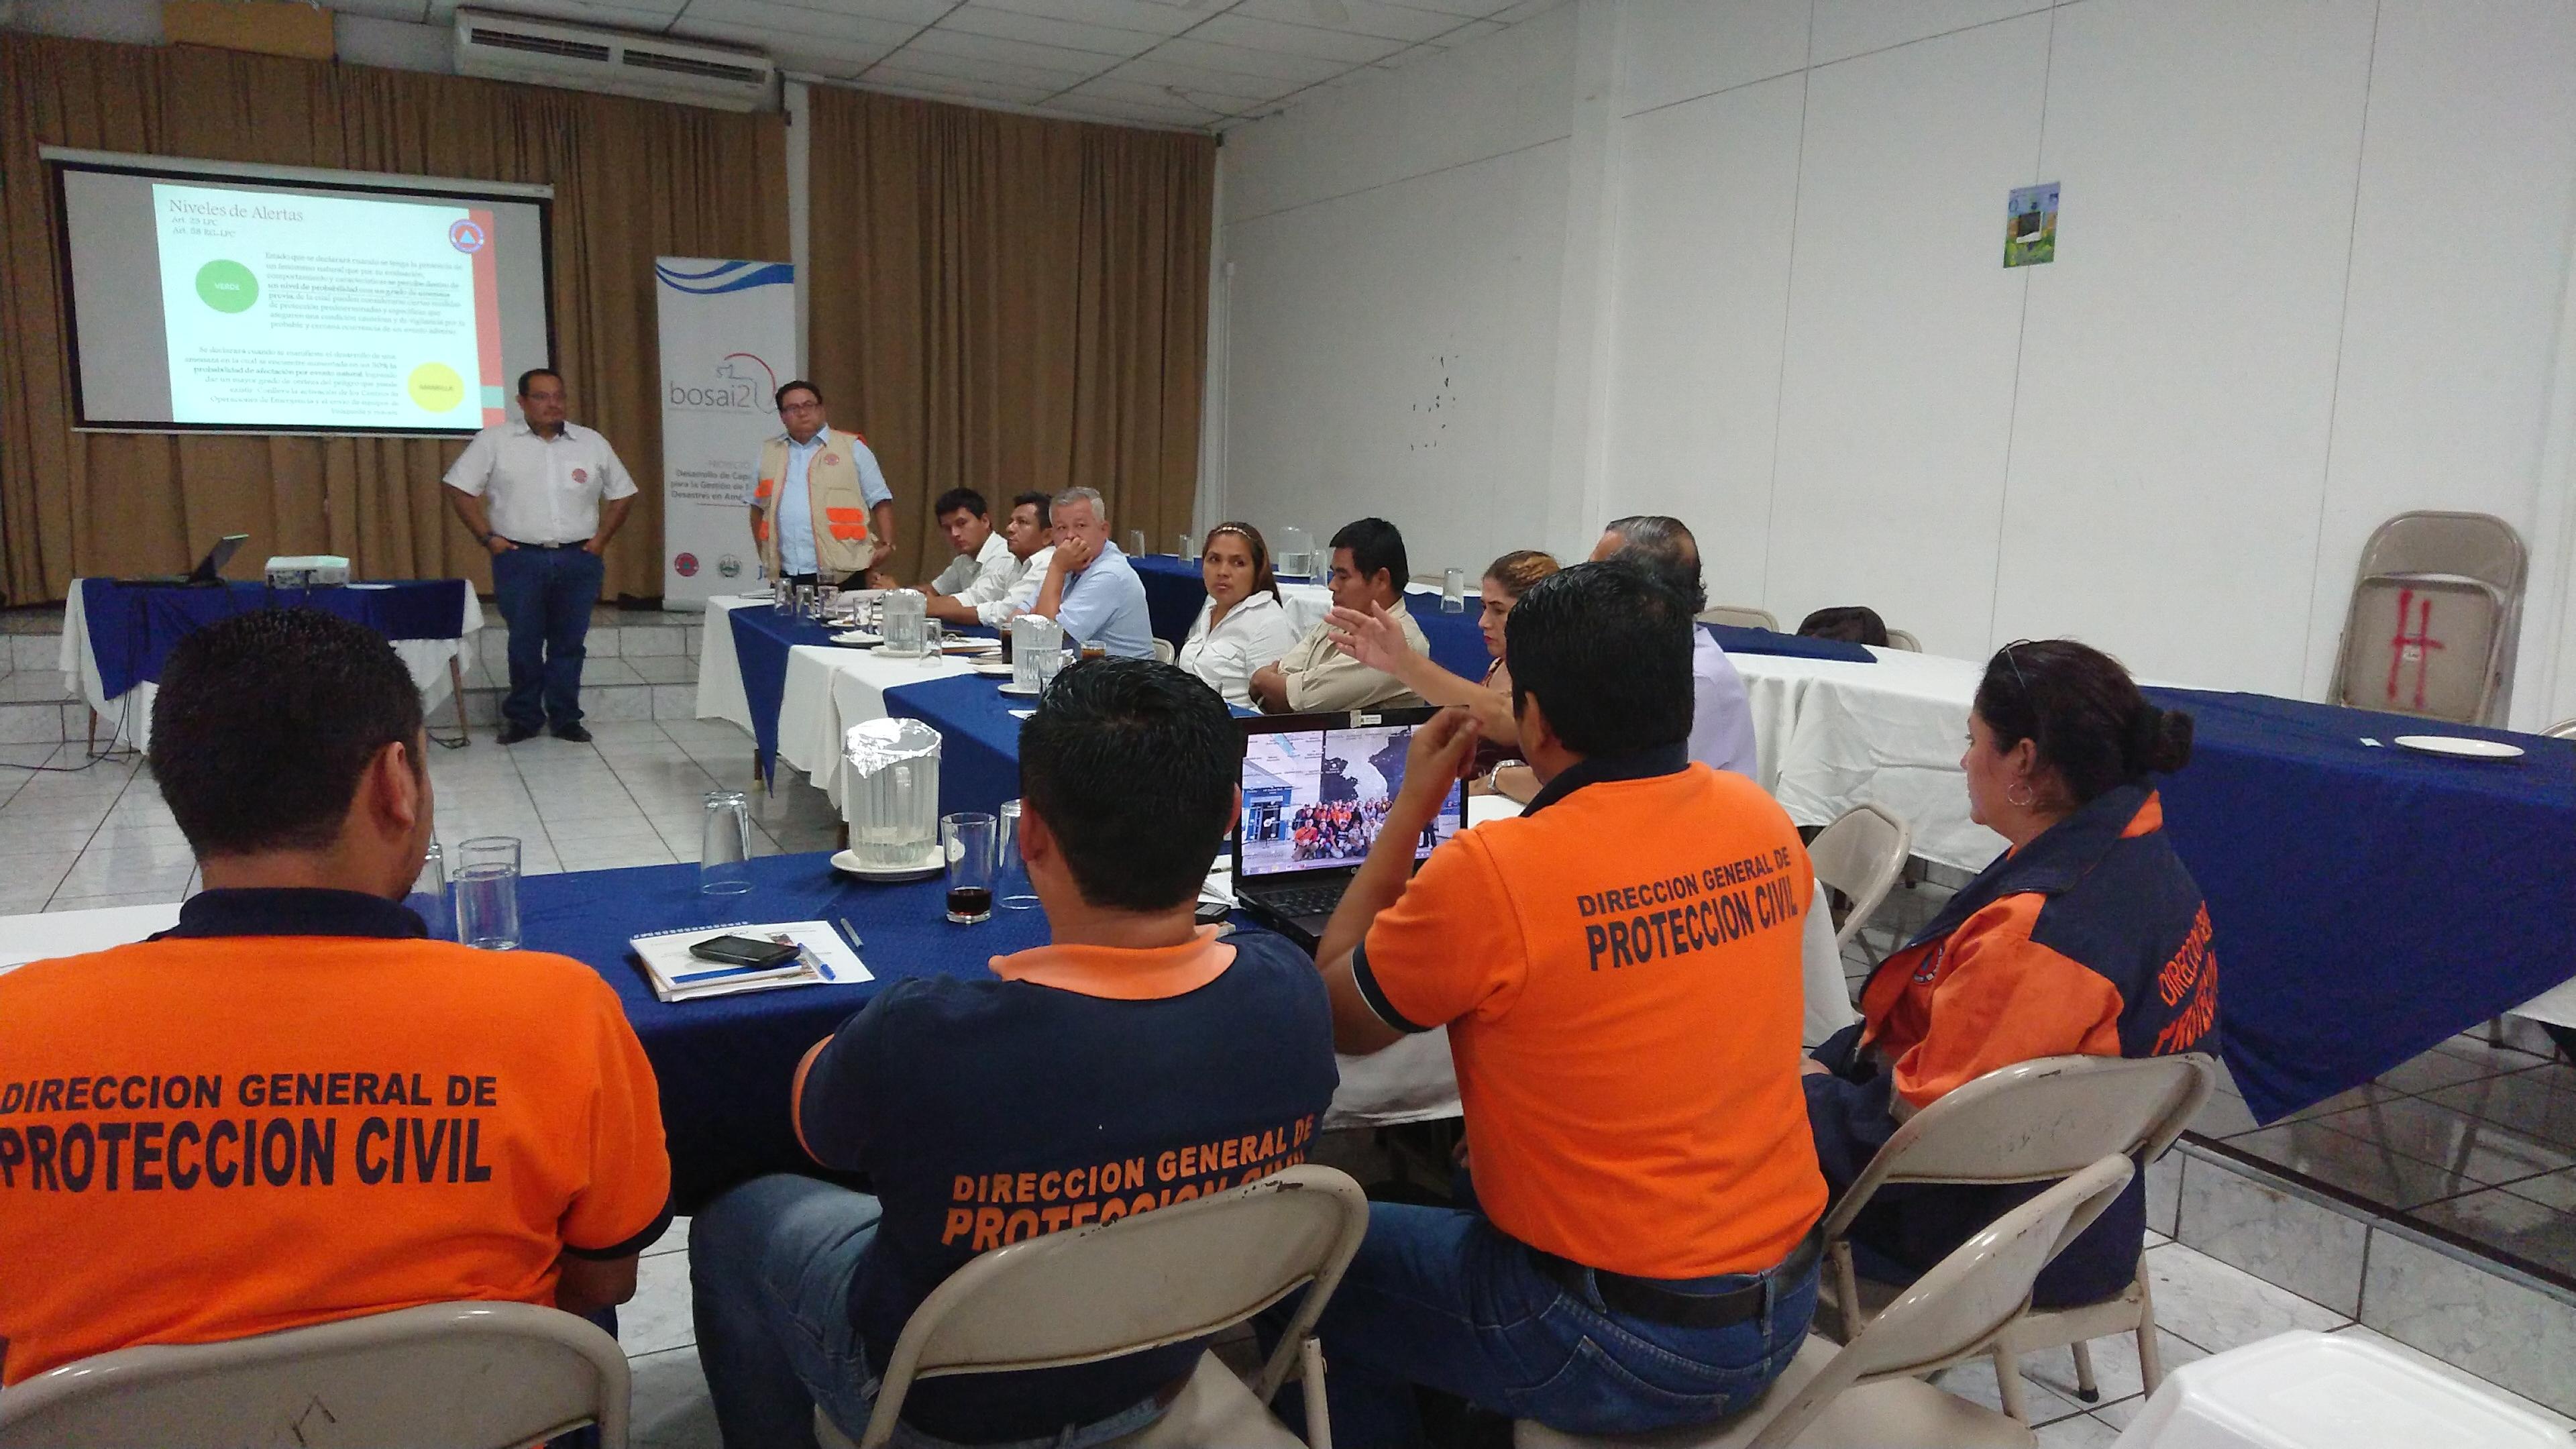 Fortalecimiento de capacidades en materia de Protección Civil de Comisiones Municipales de Protección Civil del Departamento de Sonsonate      15/JUNIO/2018